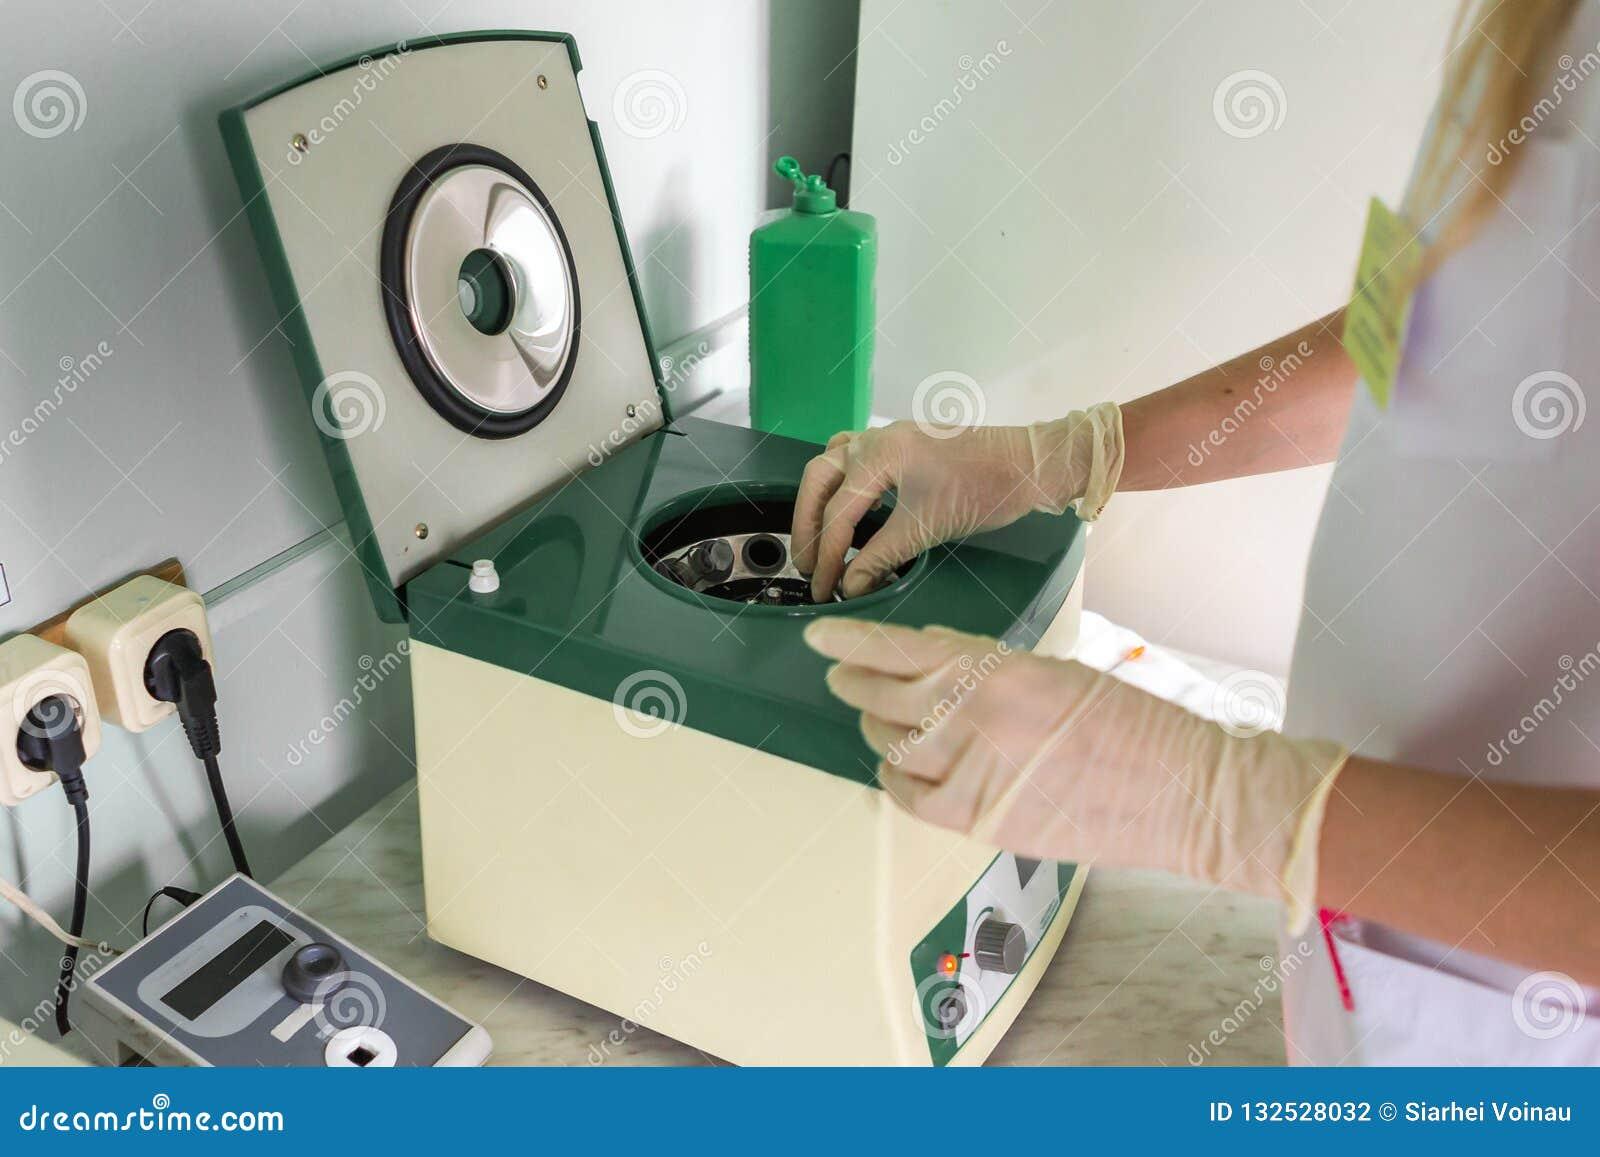 Speziell, medizinische Ausrüstung, Reagenzgläser Im Labor Die Arbeit eines Doktors